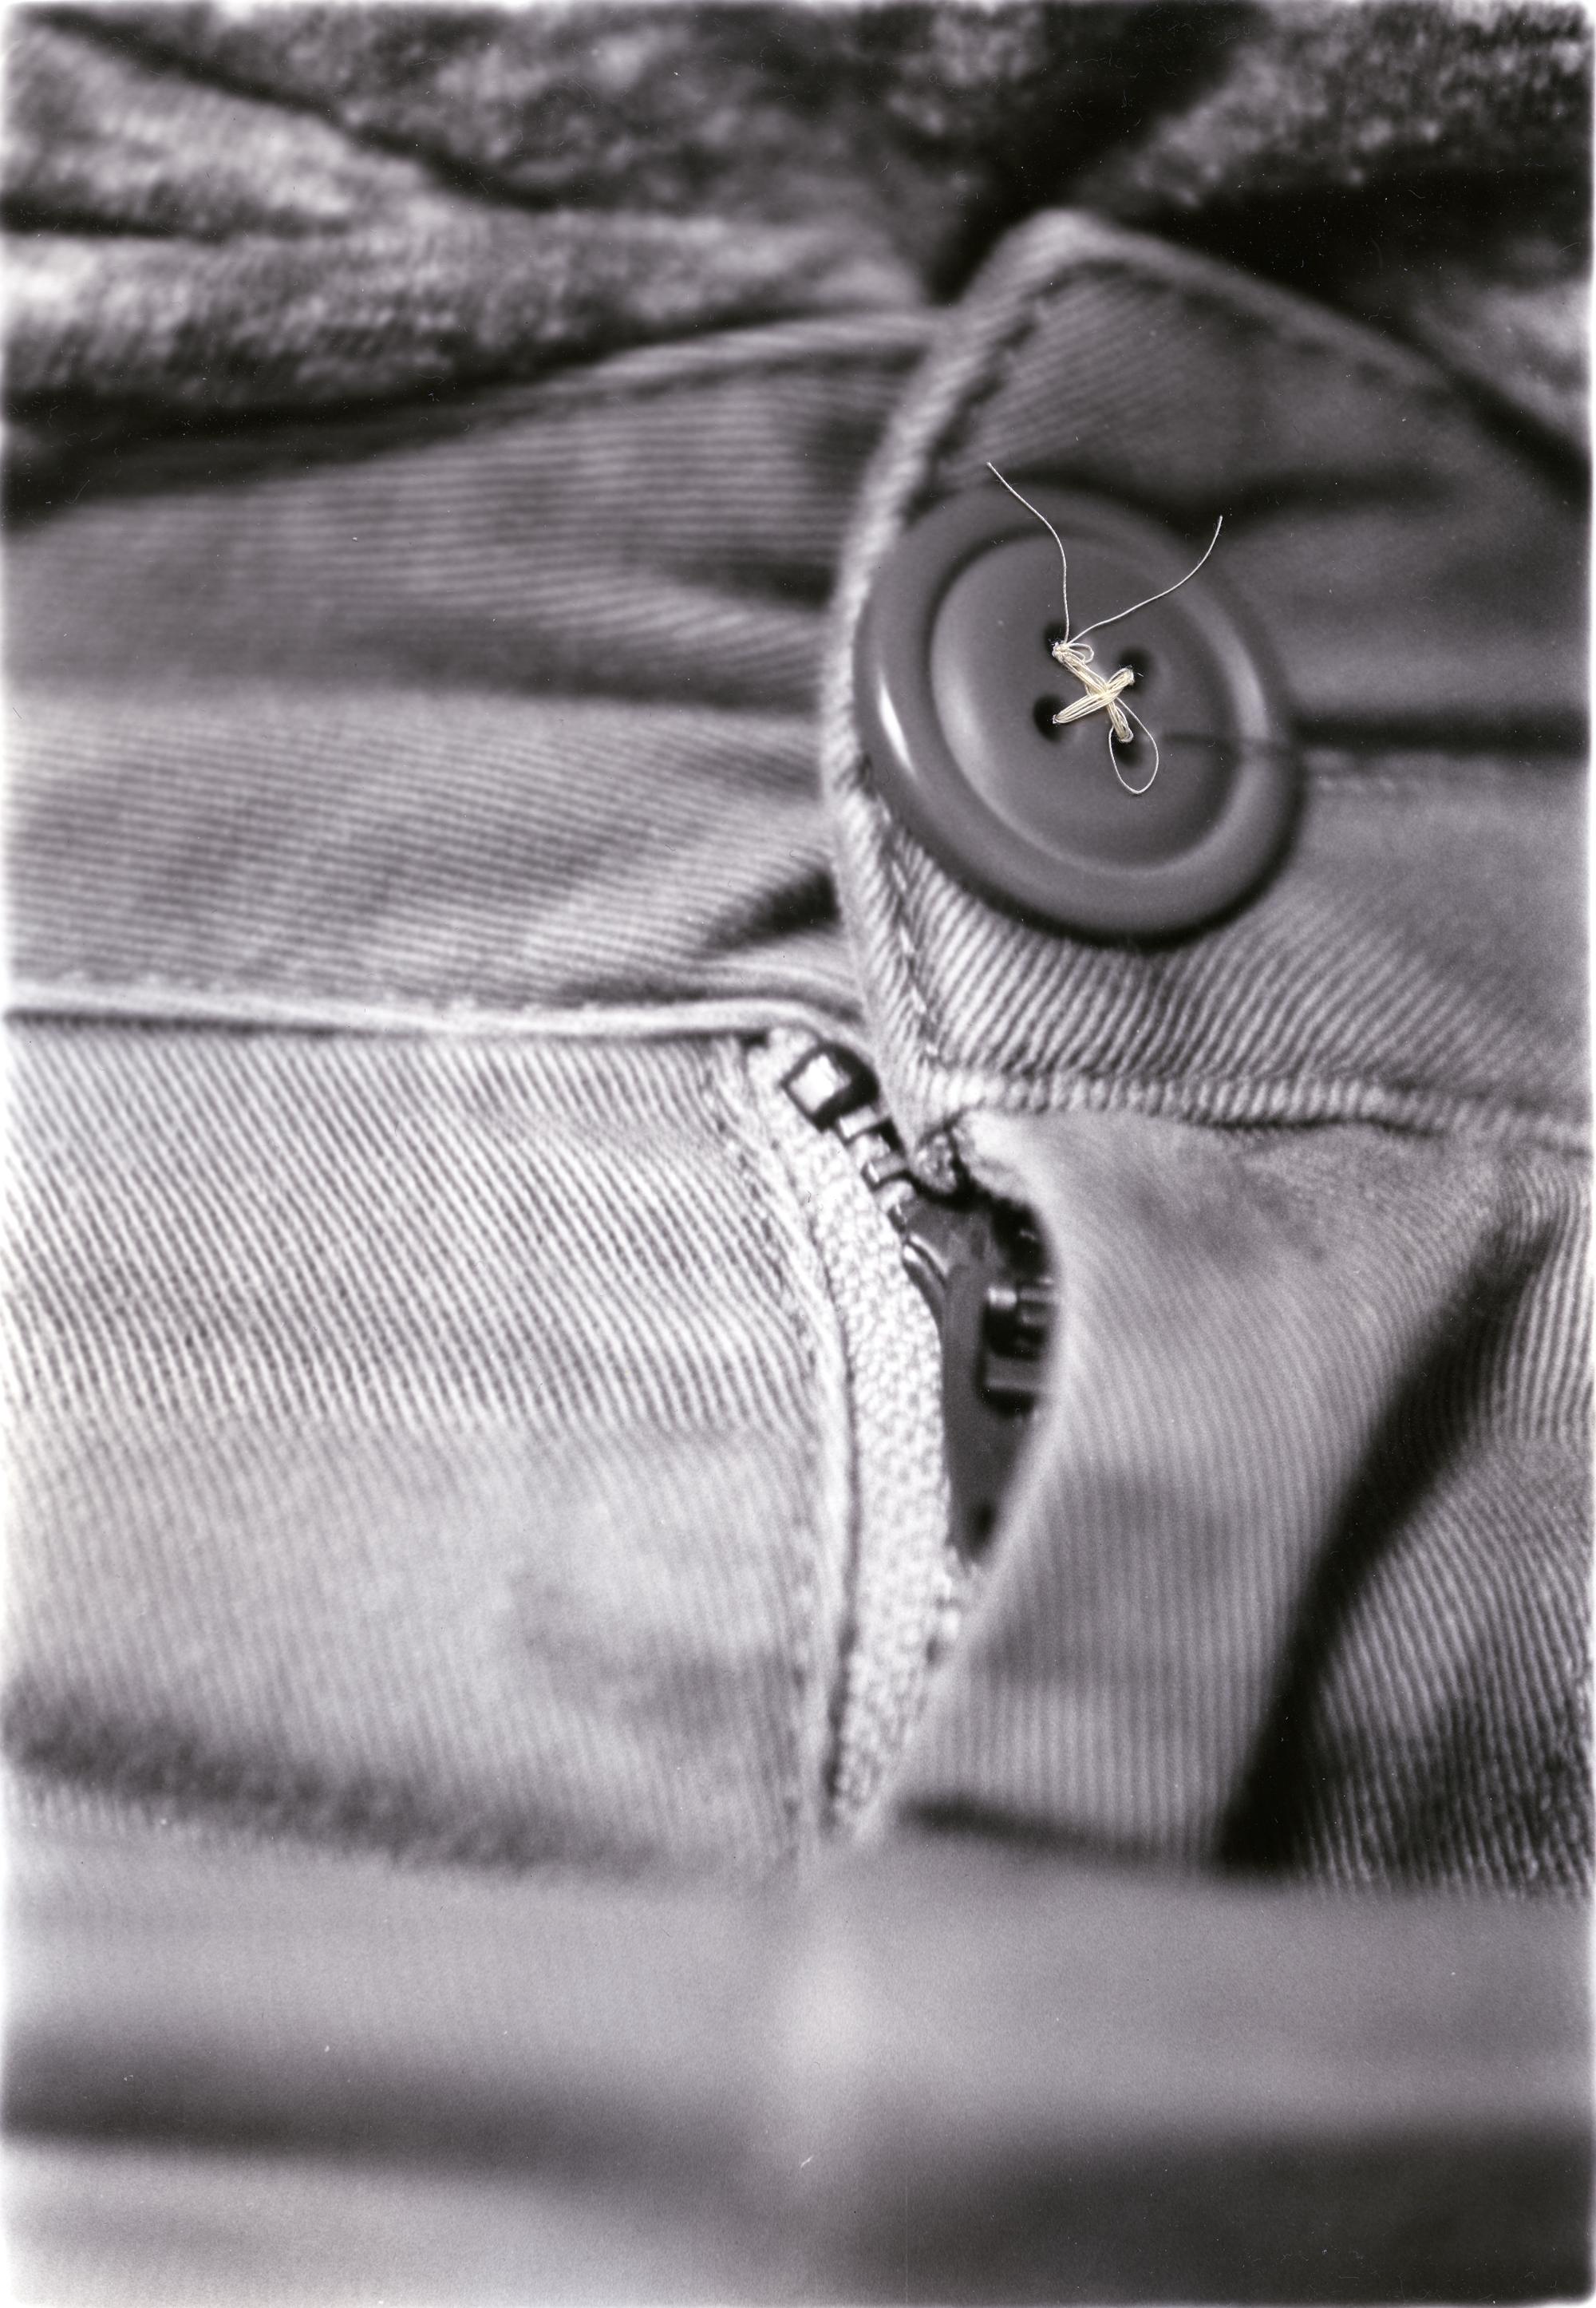 Fitting    Silver Gelatin Print, Thread, 2014